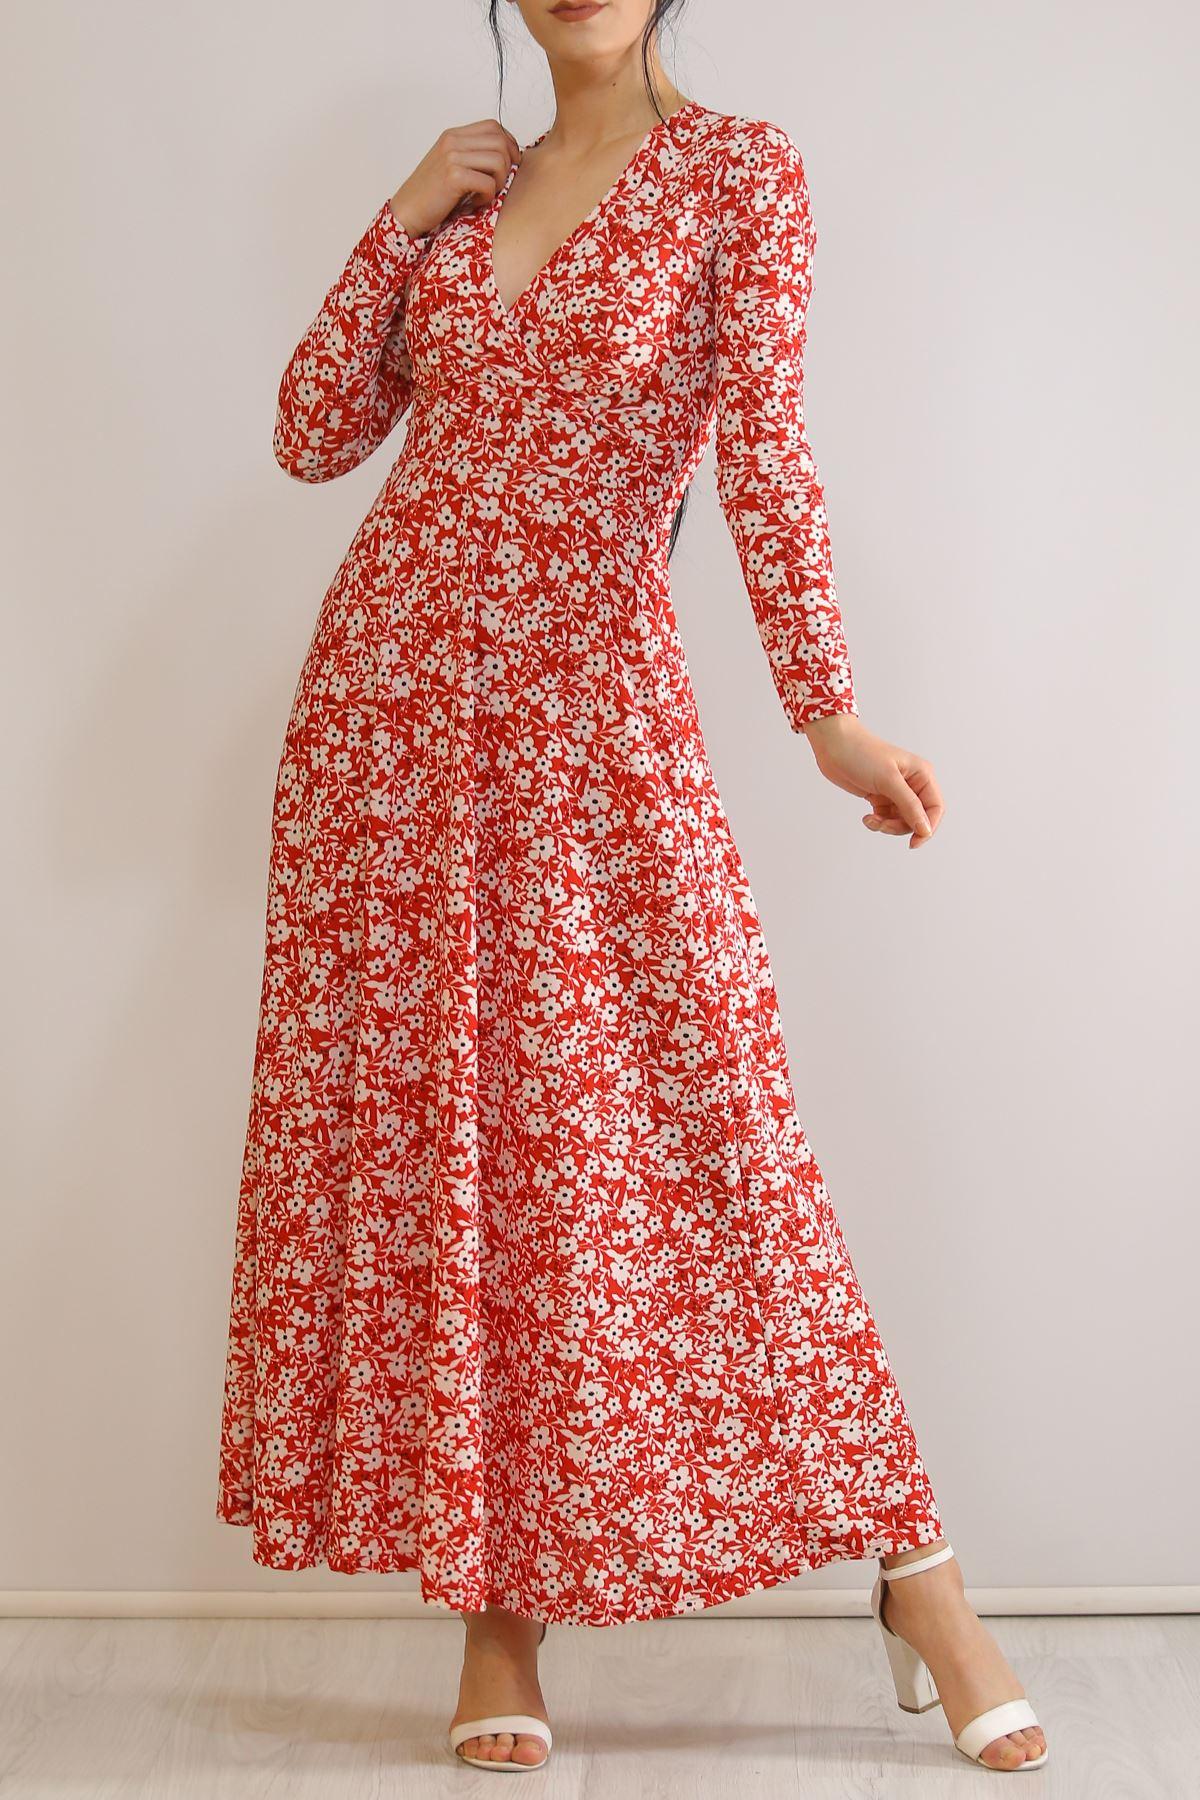 Çiçekli Elbise Kırmızı1 - 4987.716.